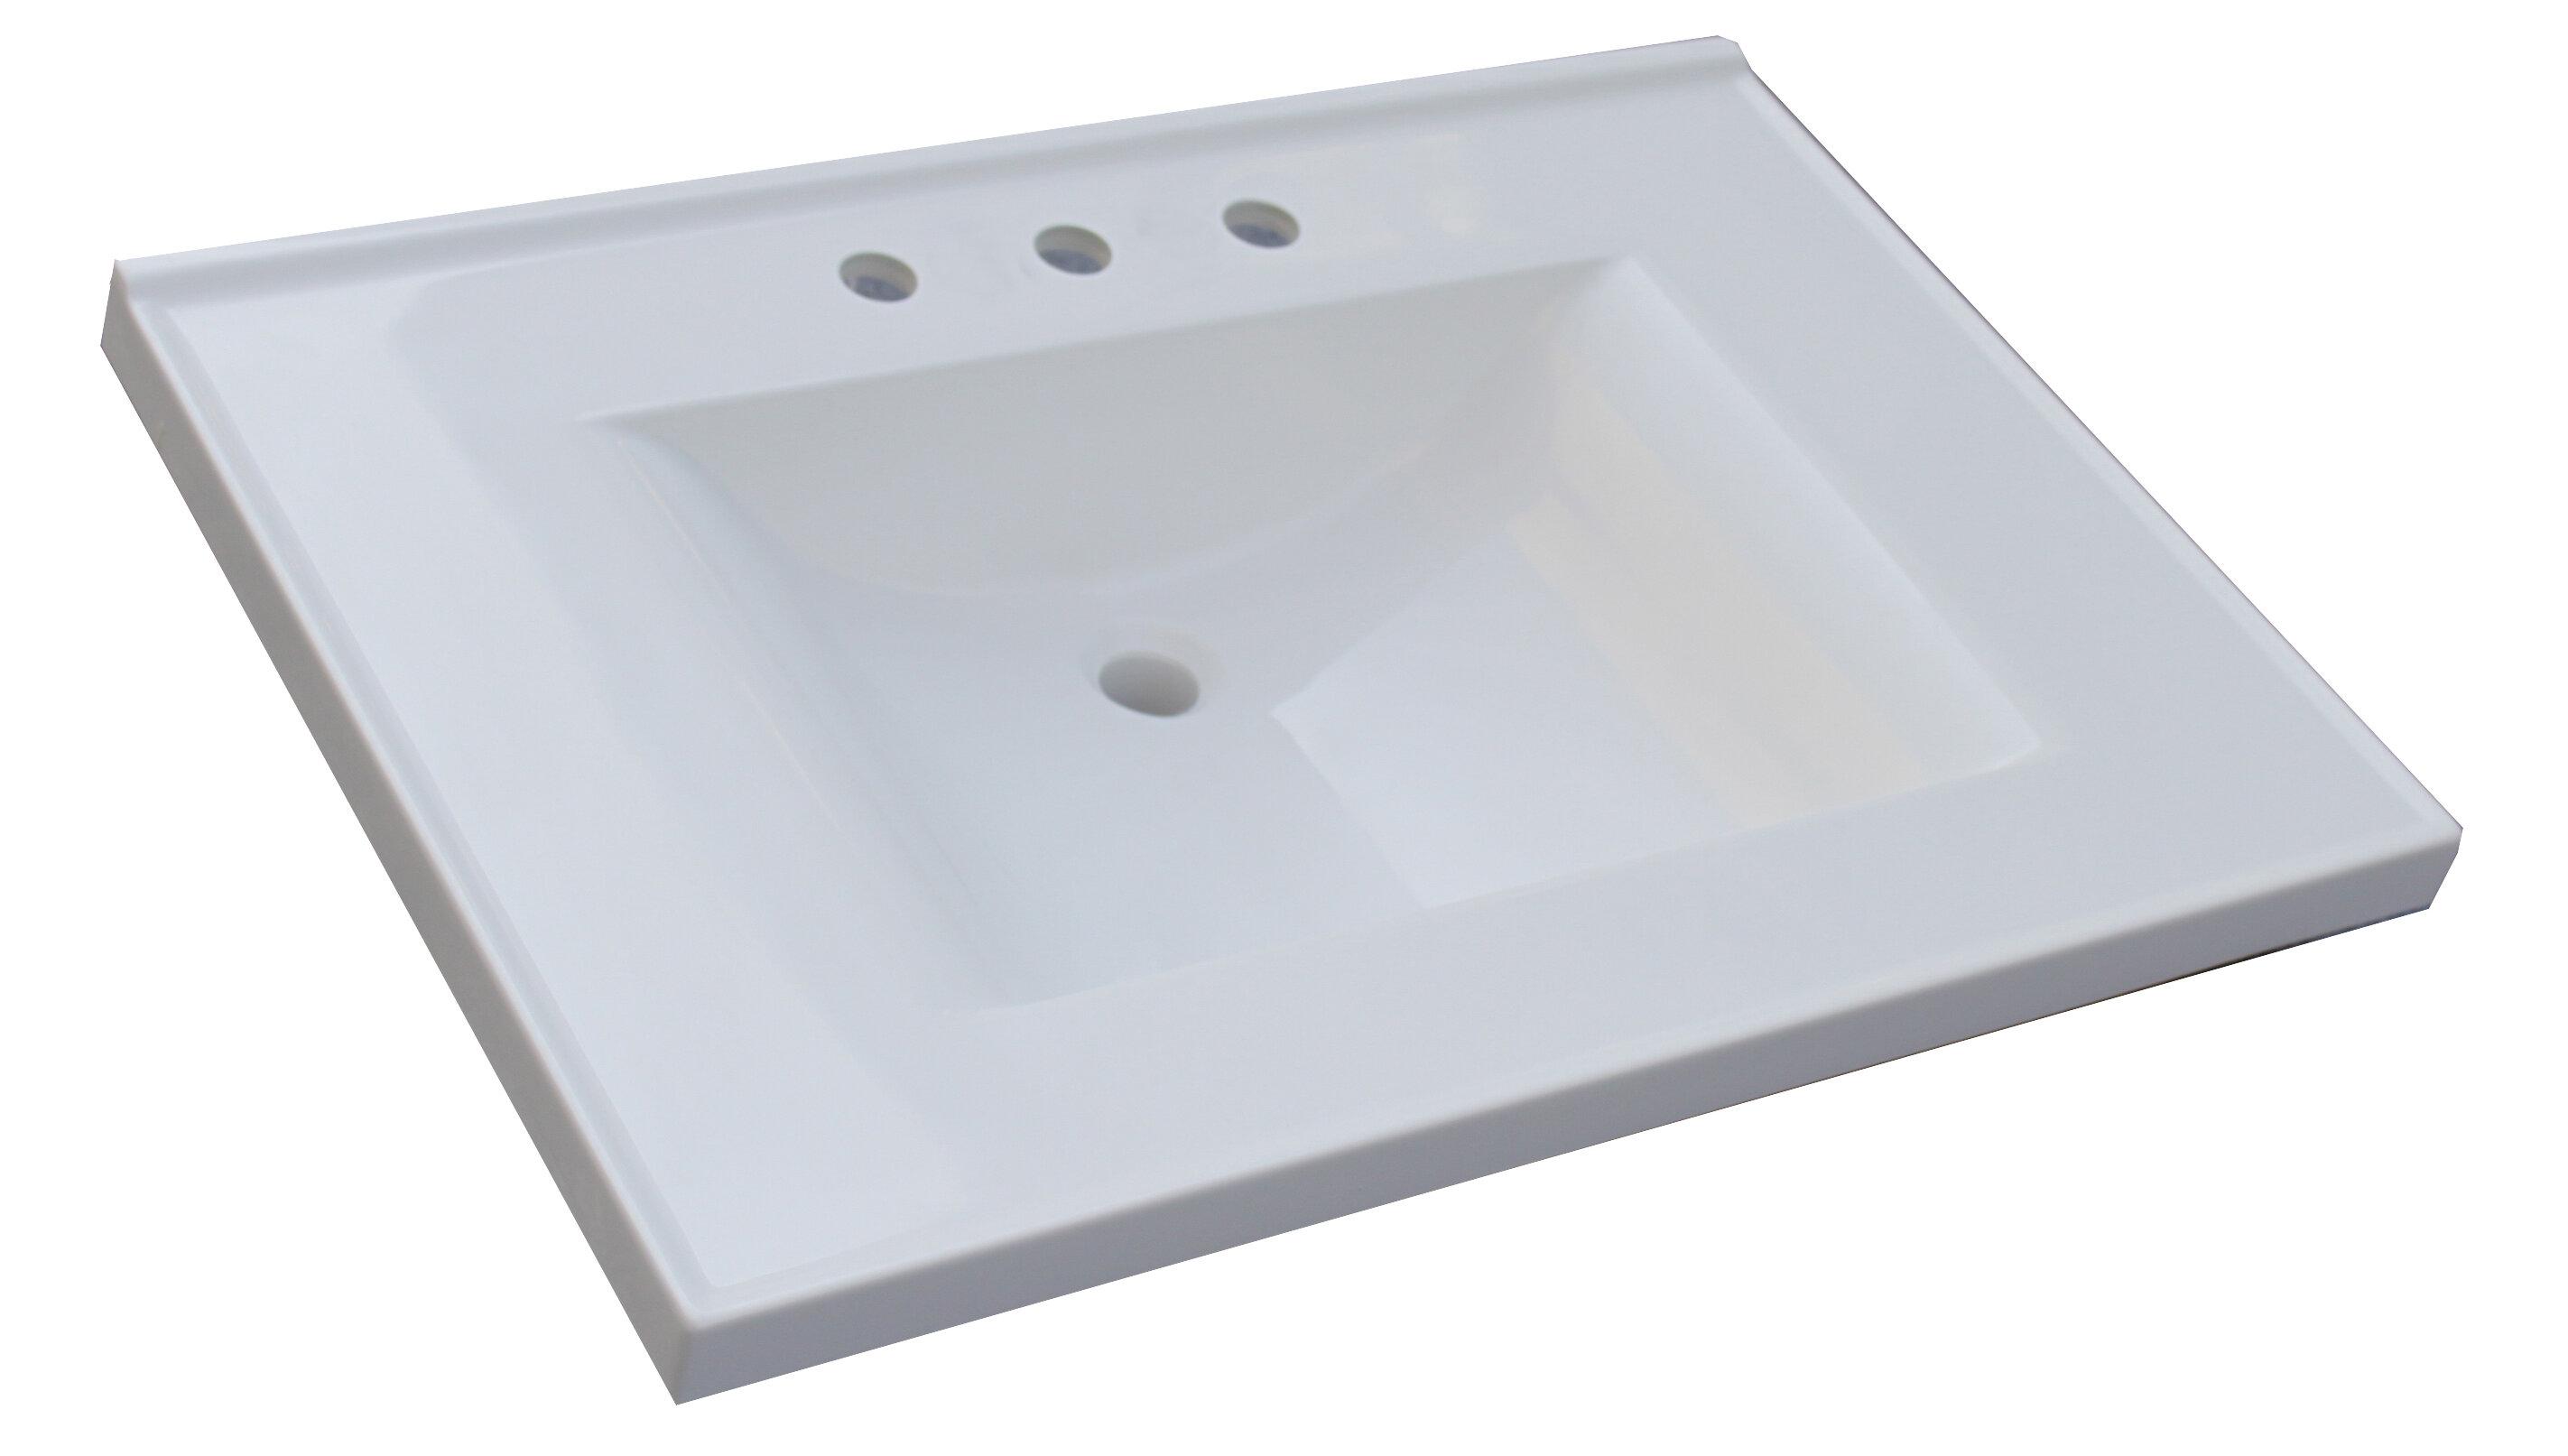 Sagehill Premier Single Bathroom Vanity Top Reviews Wayfair - 31 bathroom vanity with top